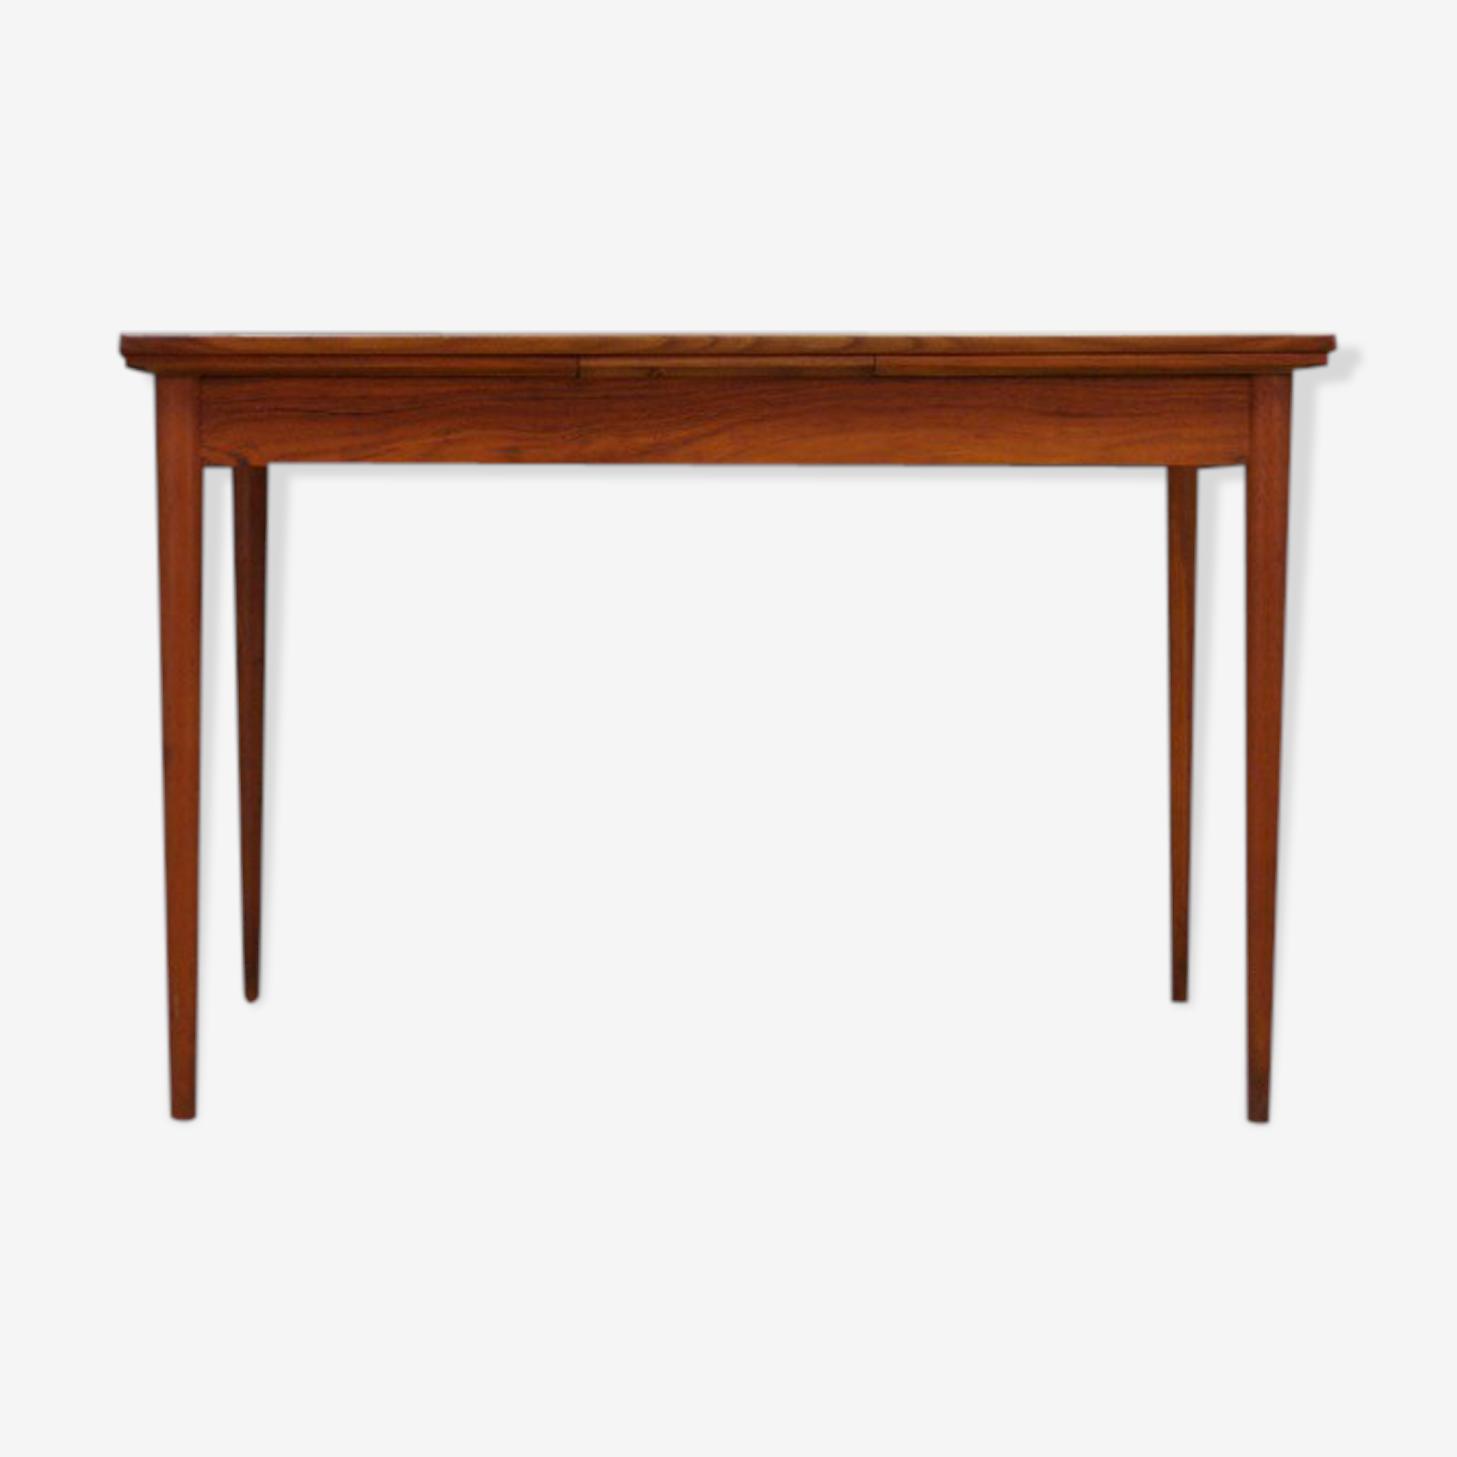 Table rétro design danois en teck classique